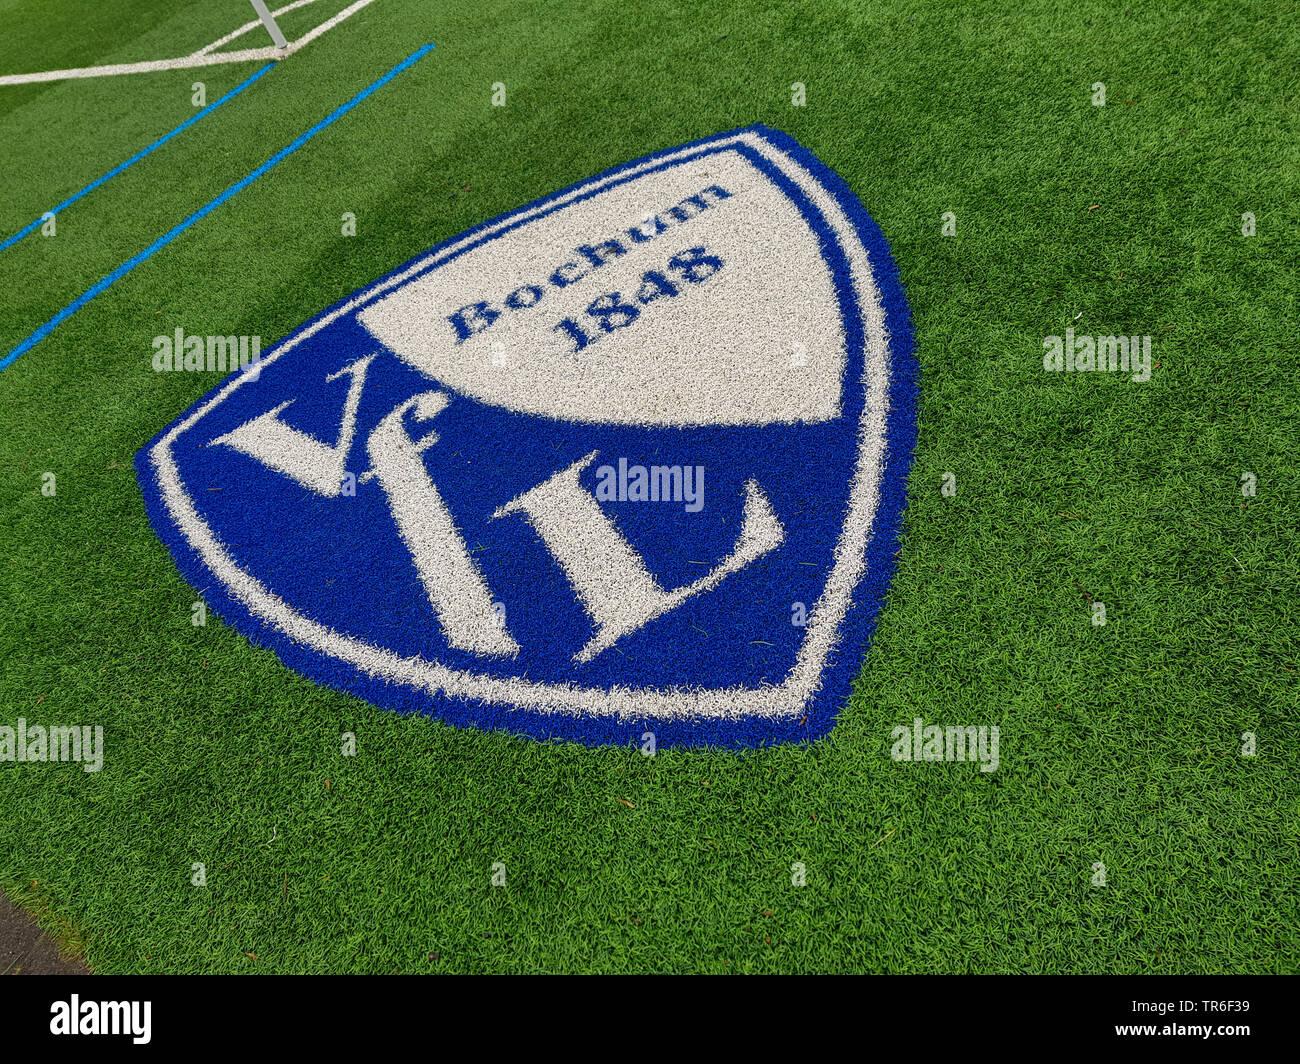 Wappen Der Fussball Verein Vfl Bochum Spruhte Auf Ein Fussball